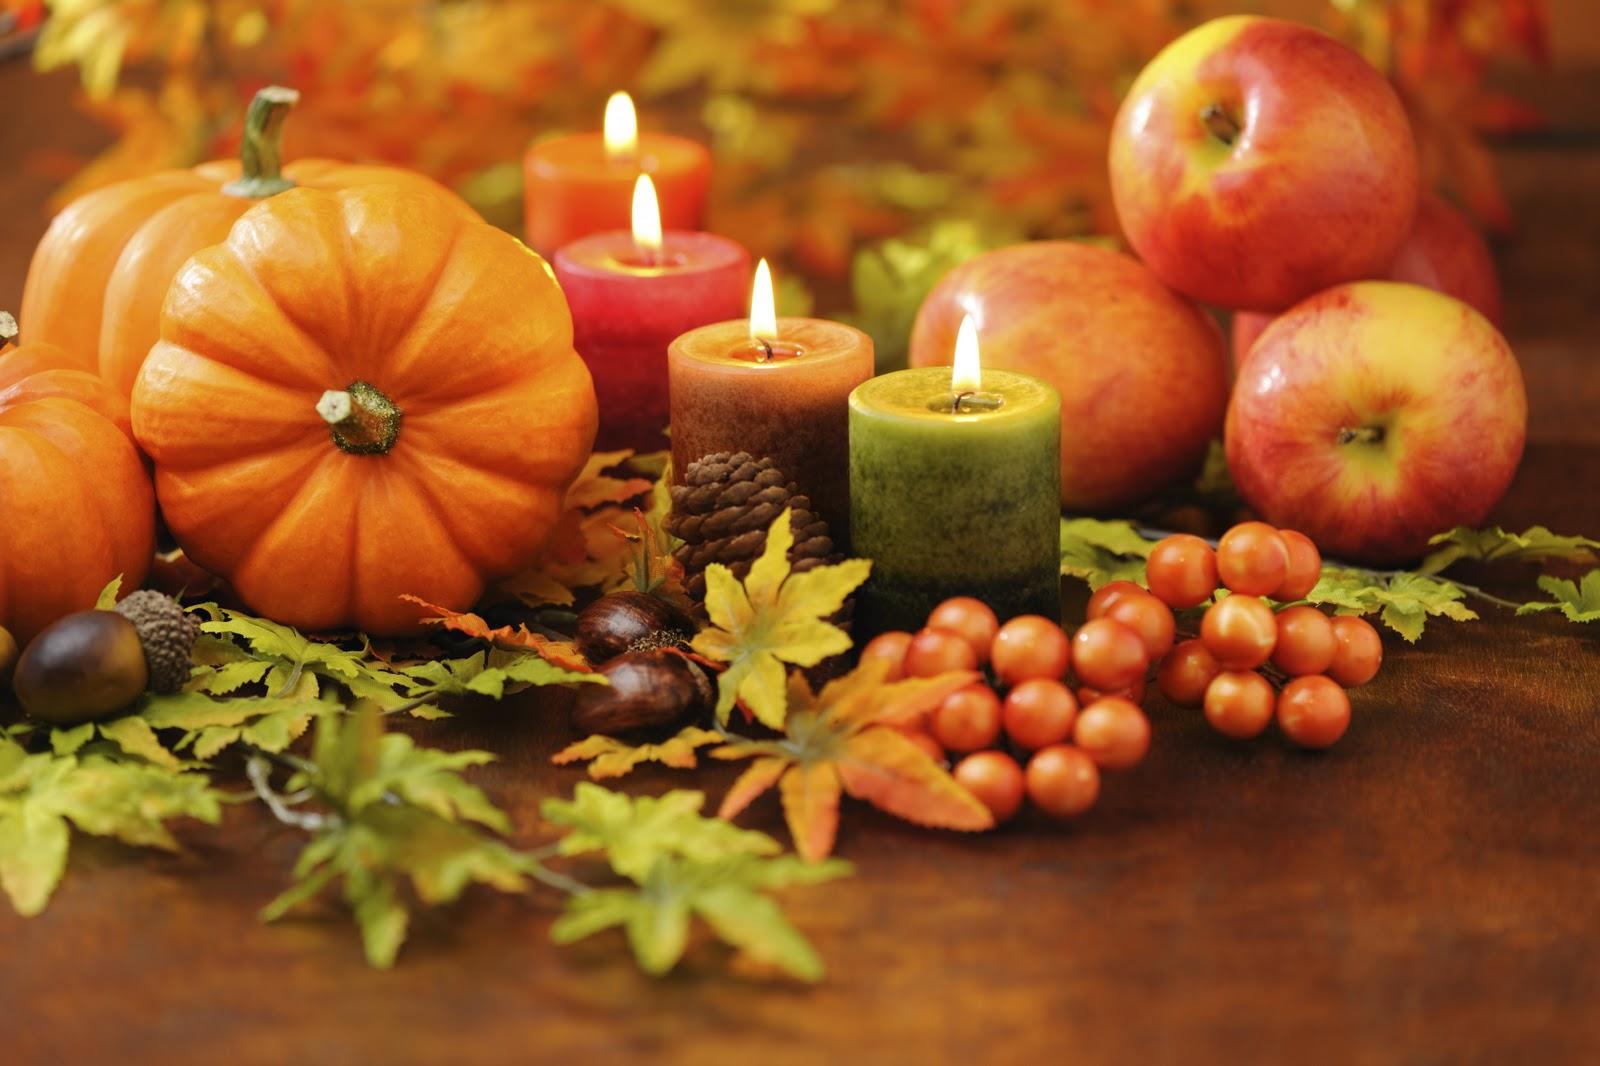 Gratitude, Fall candles, pumpkins, apples,